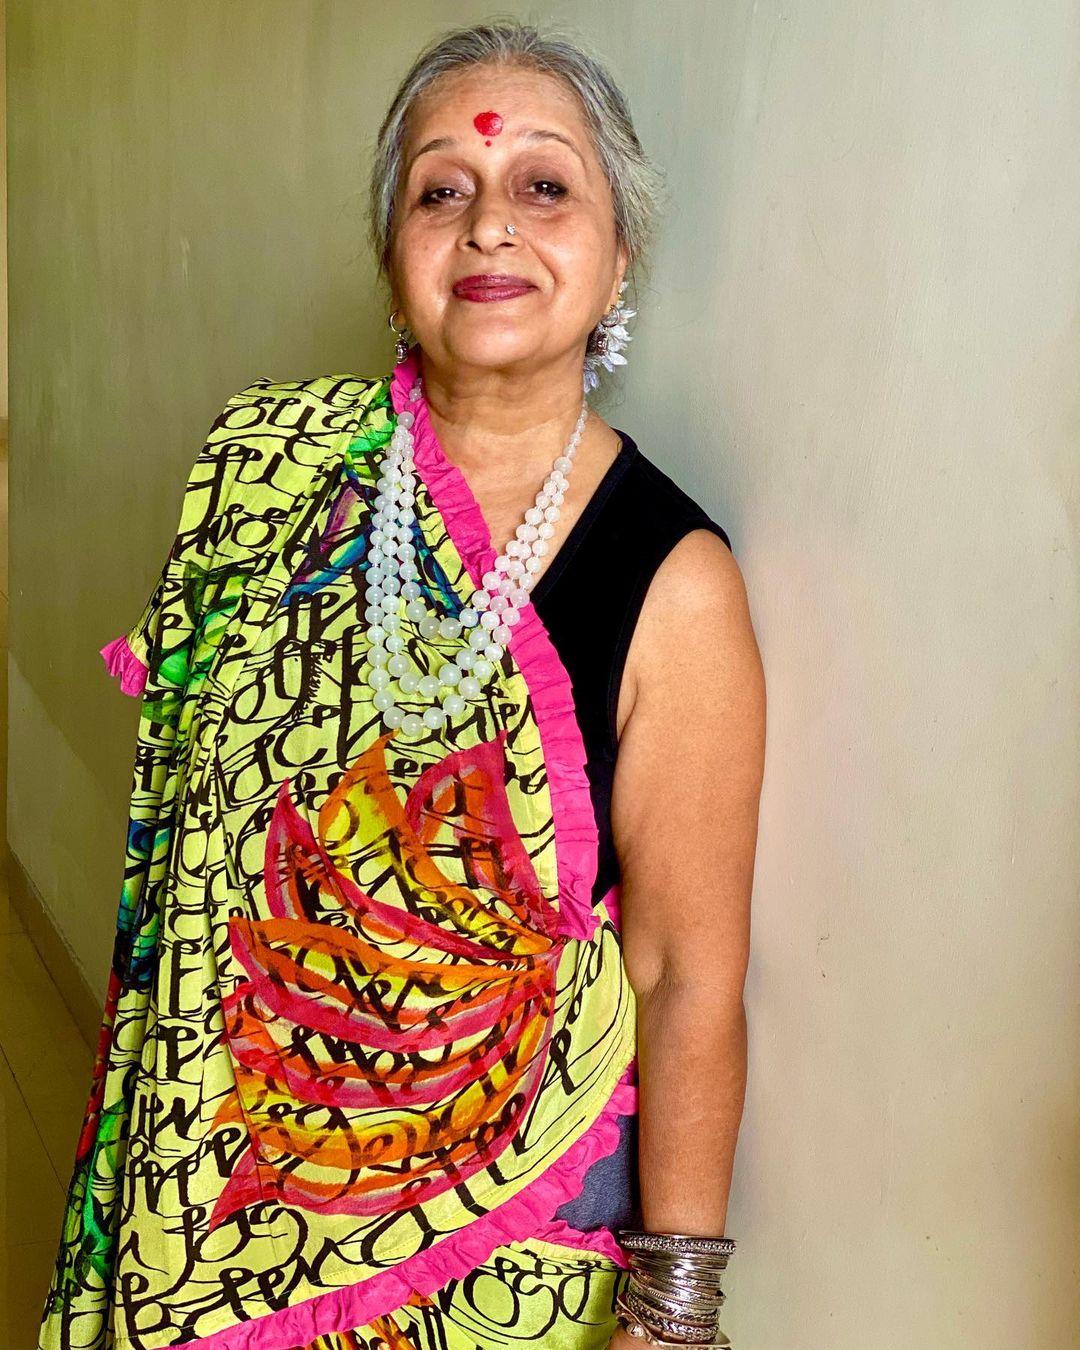 ಸ್ಯಾಸಿ ಸಾಸೂ ಮಂಜರಿ ವರ್ದೆ